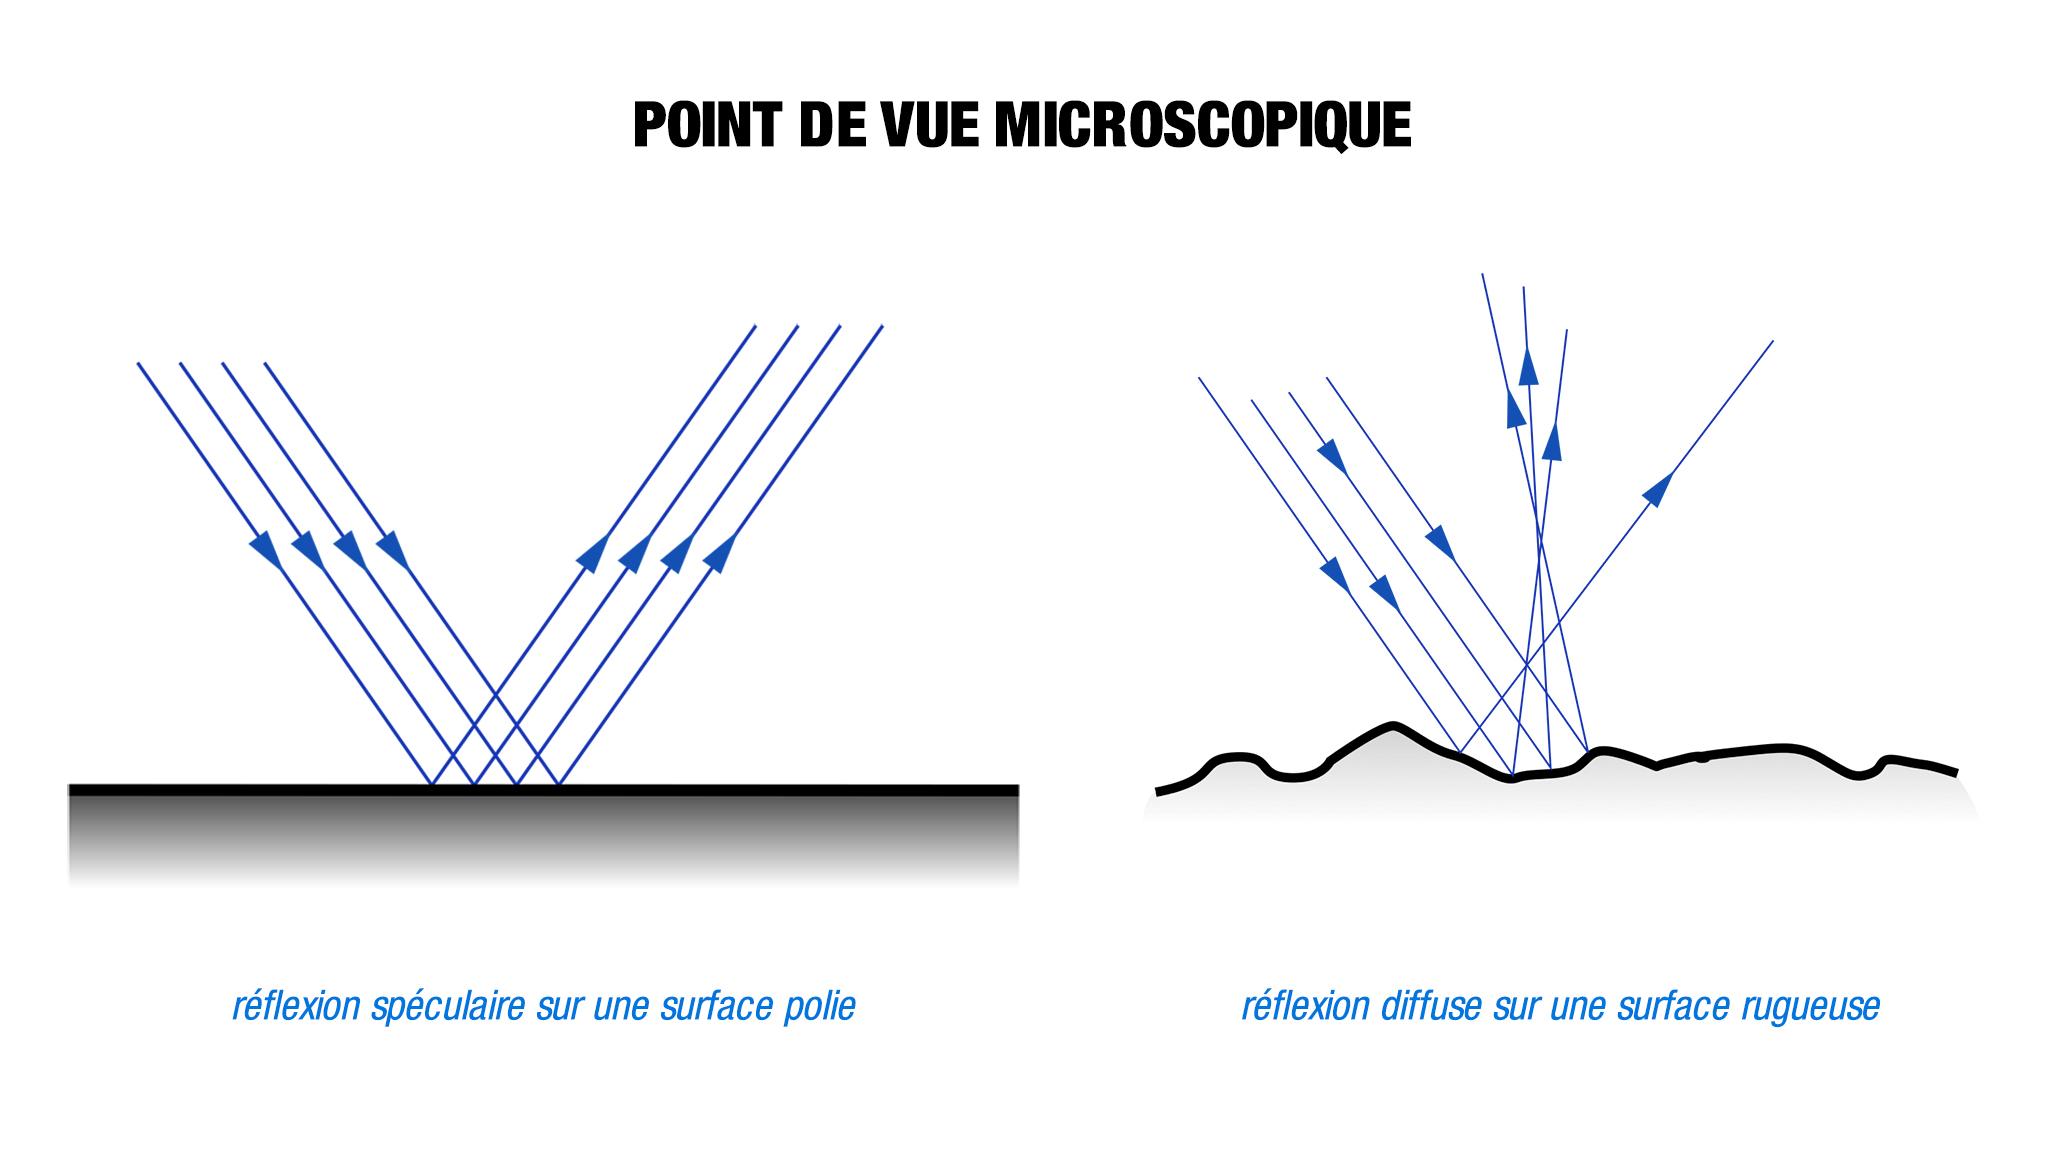 reflexion lumiere microscopique